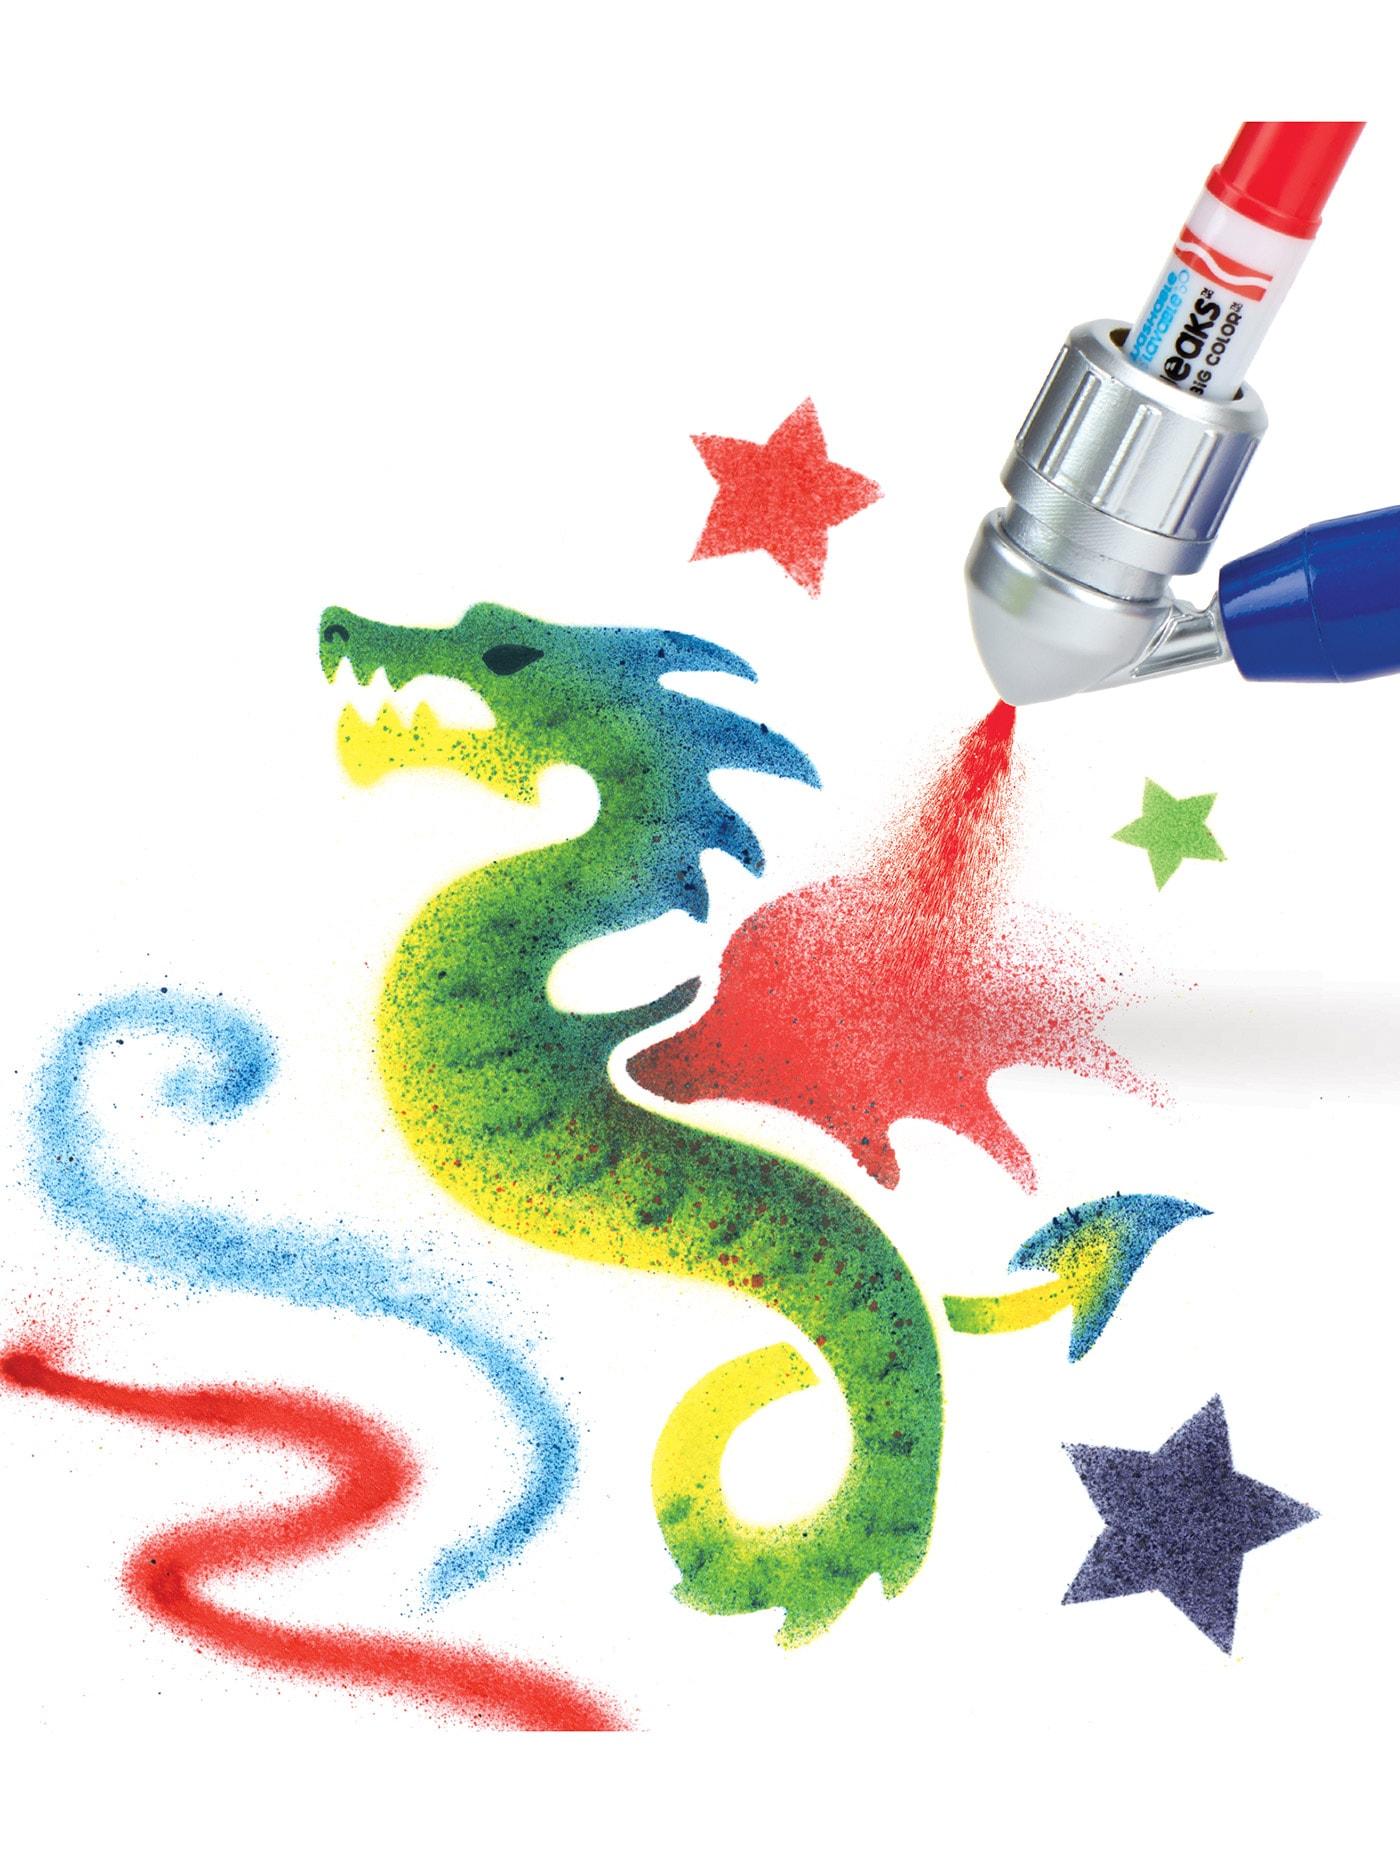 Crayola Air Marker Sprayer 04 6806 Size L Central Online